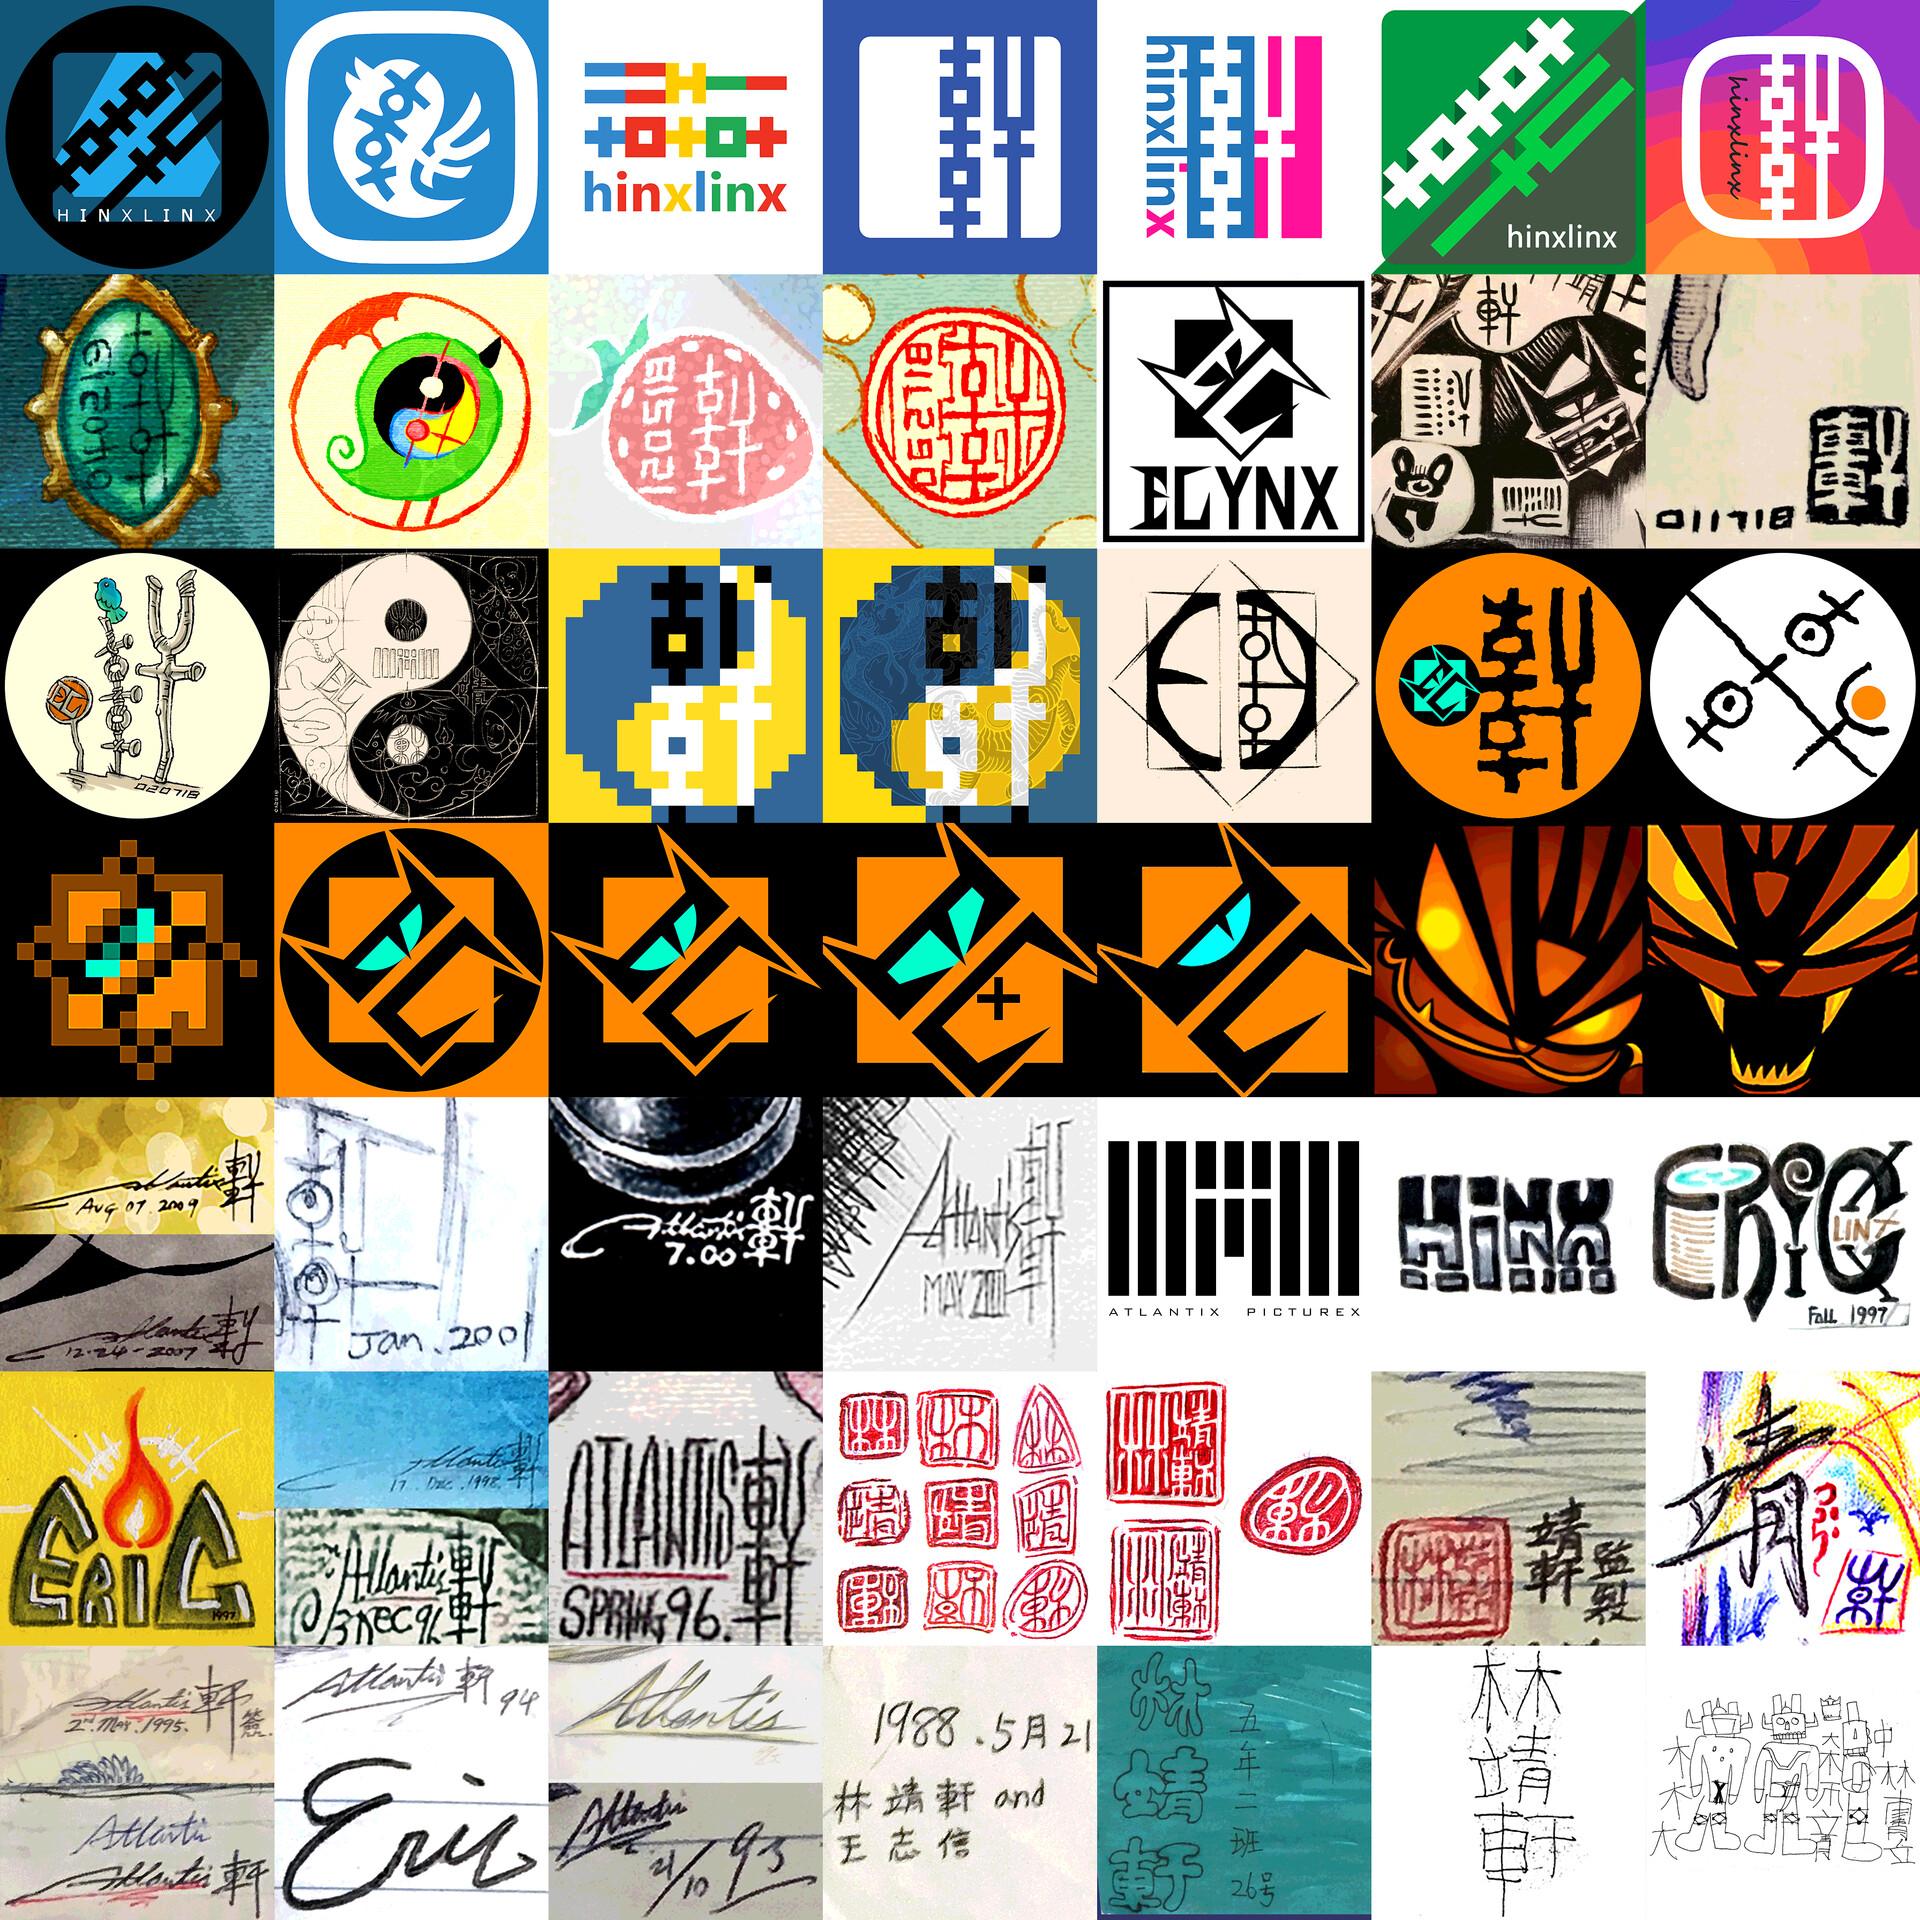 Eric lynx lin hinx collection01